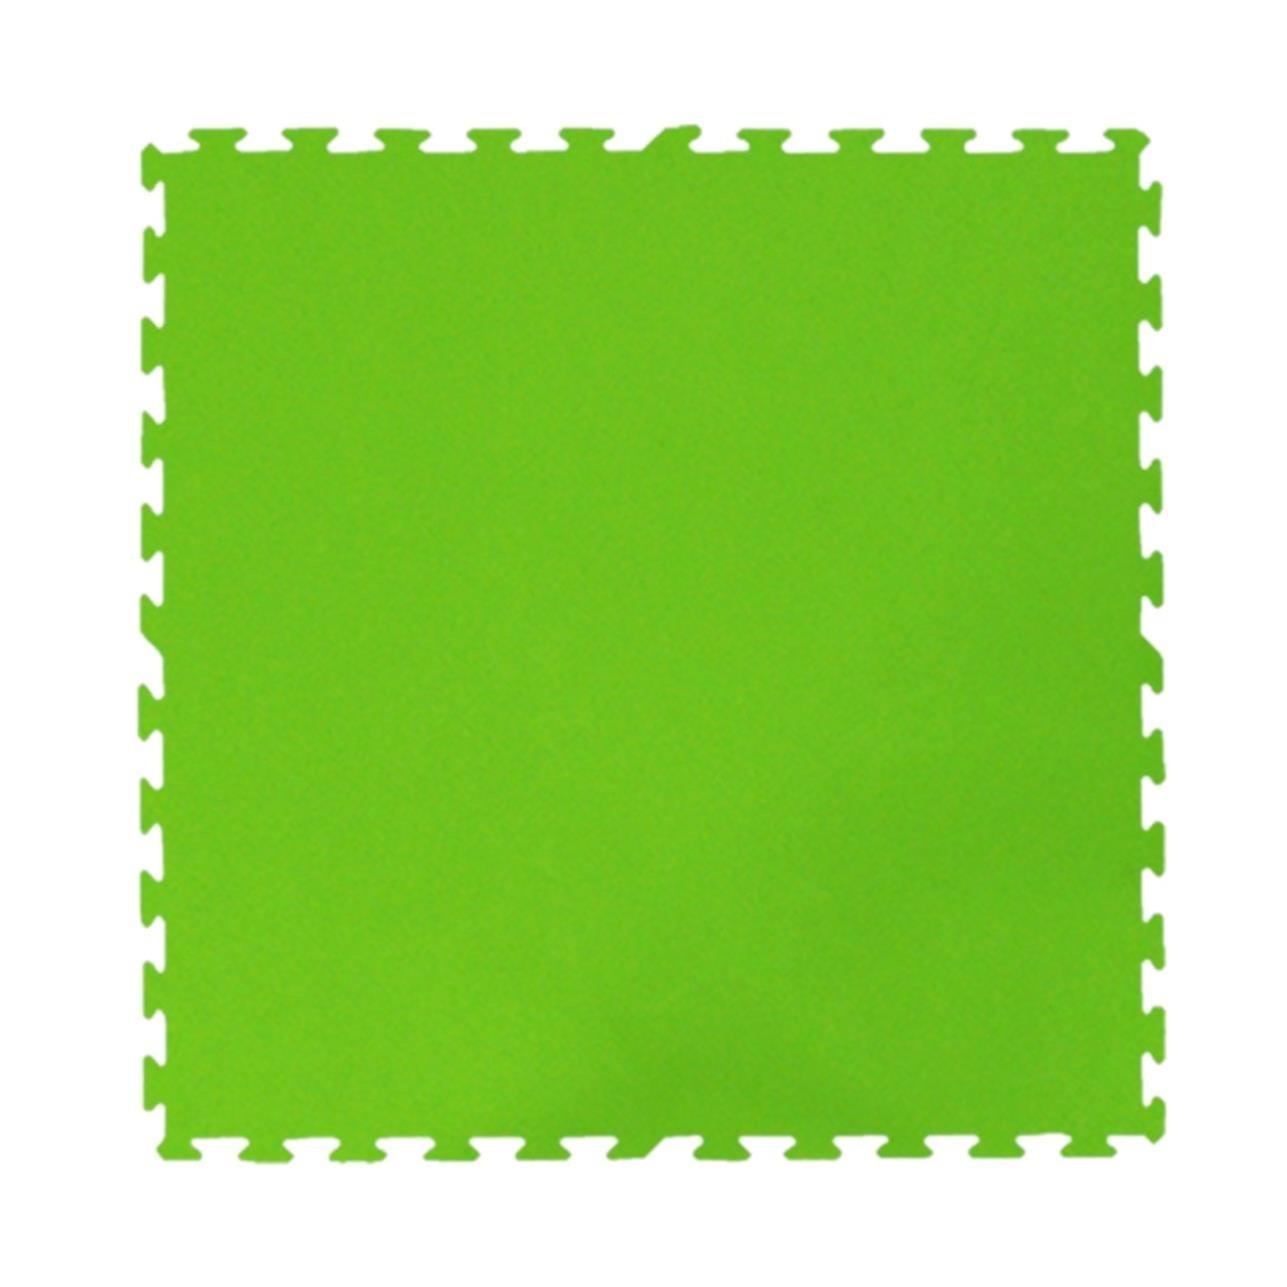 Tatame de Borracha EVA 100x100 cm Verde - Ibel